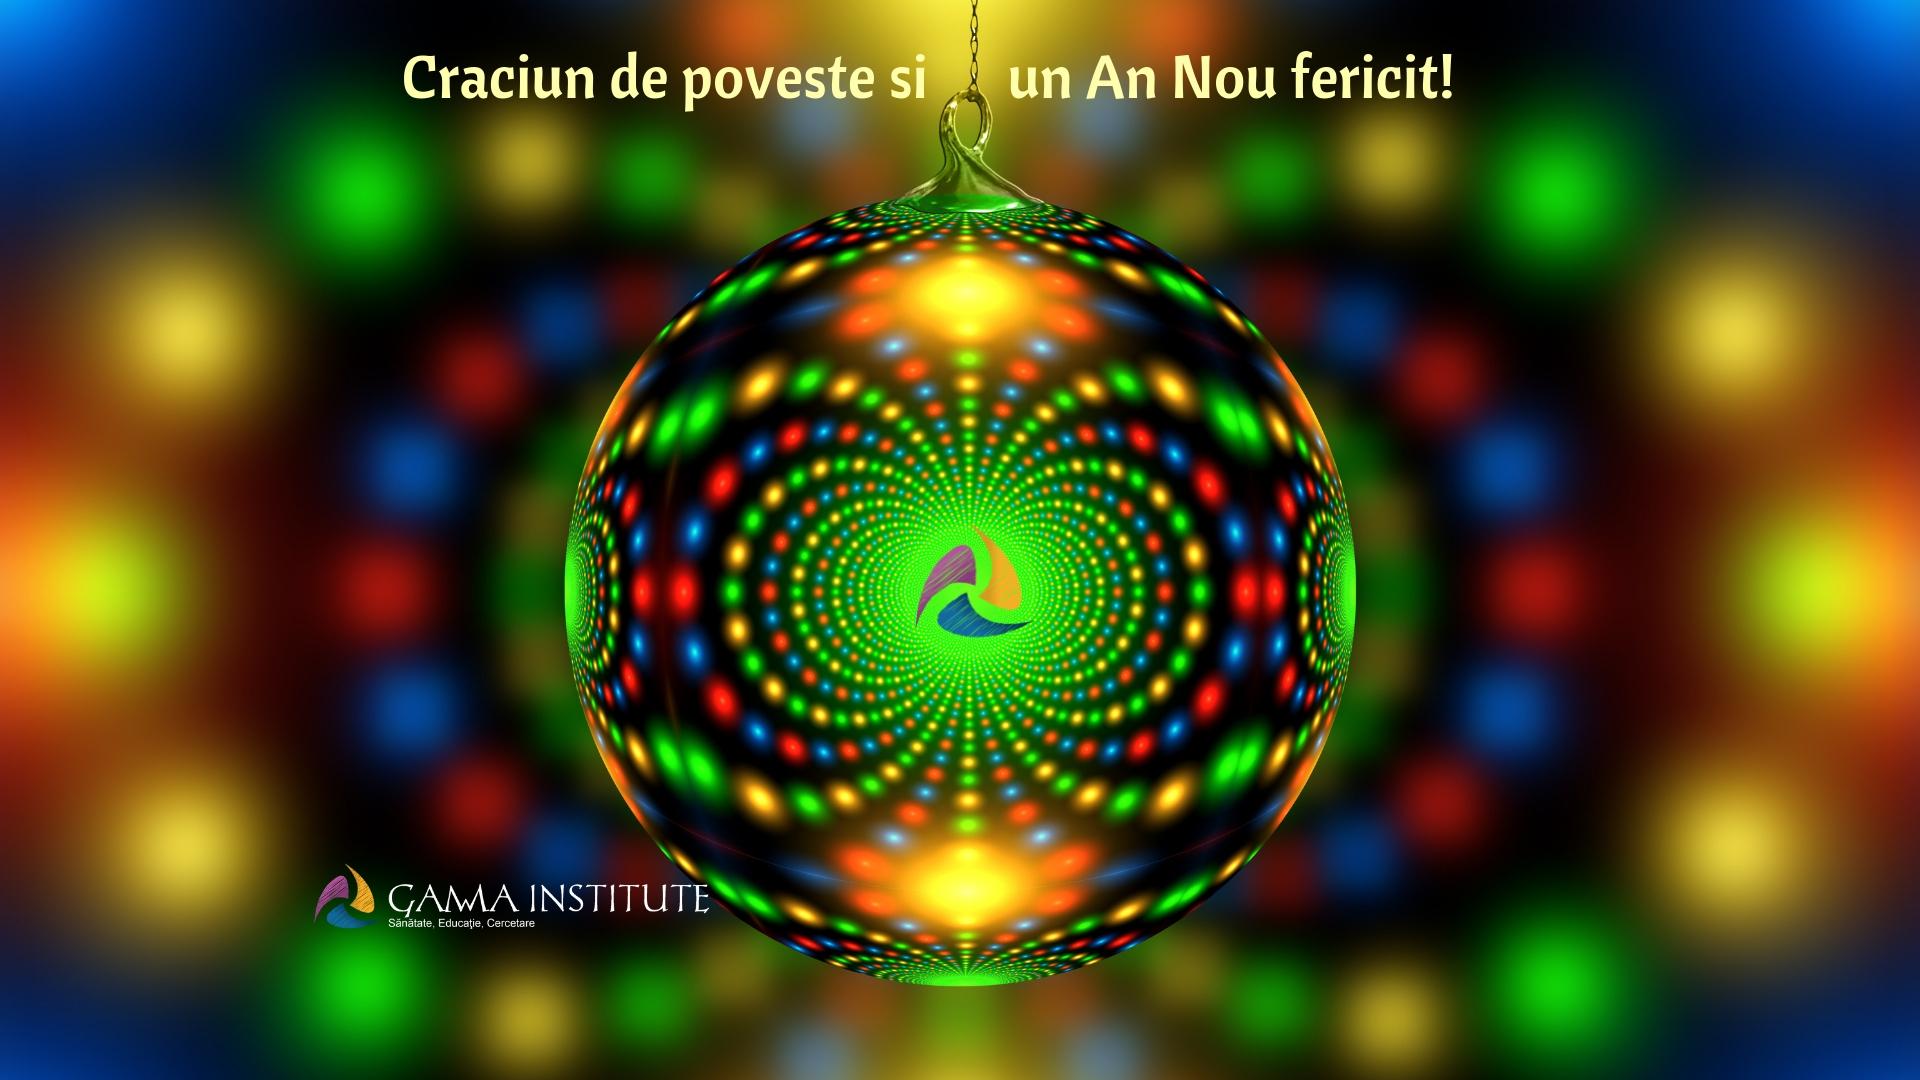 sarbatori_fericite_gamma_institute_0.jpg